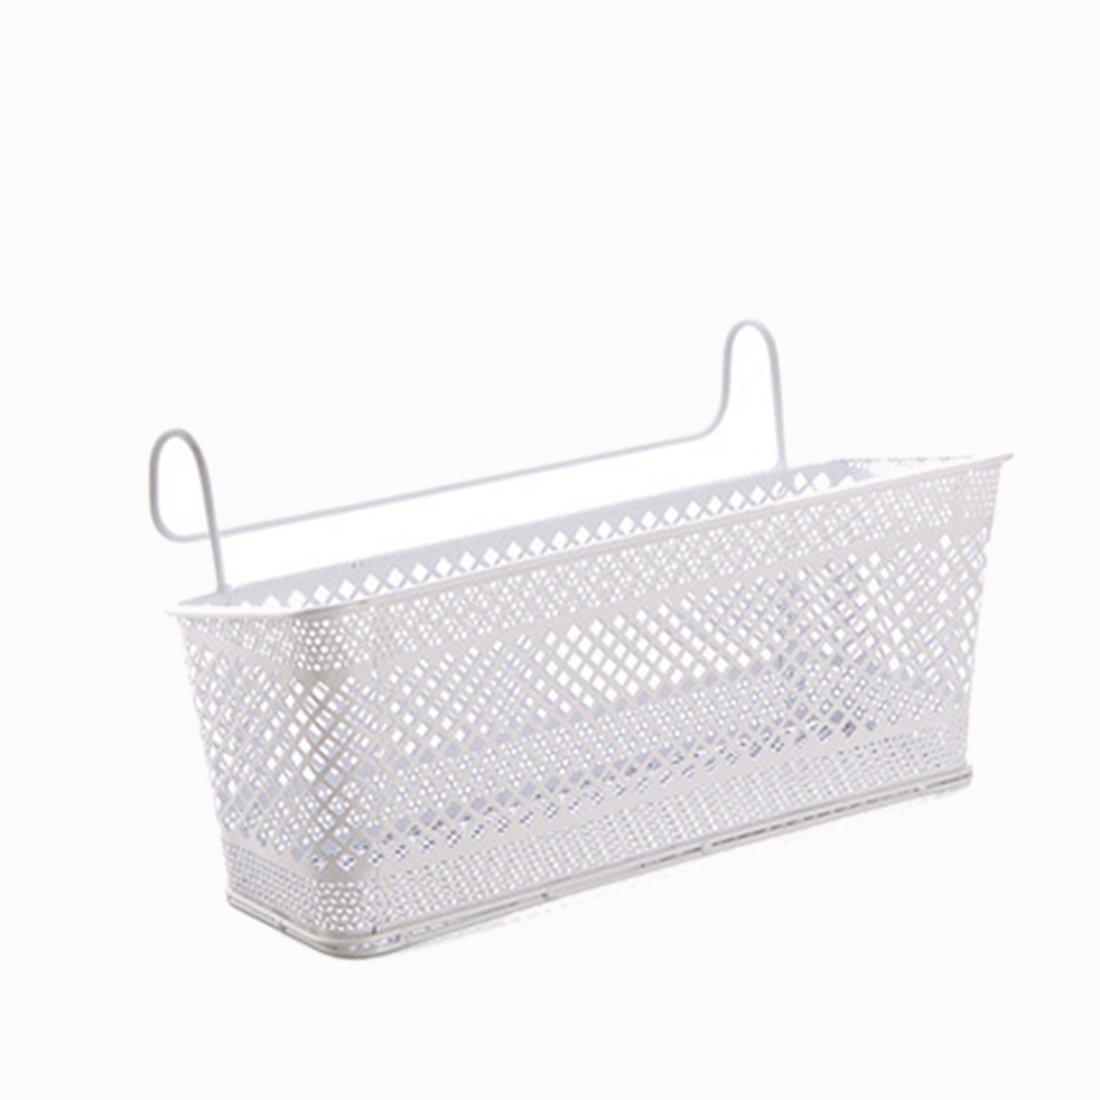 iTECHOR Storage Corner Shelf, Hanging Storage Basket Corner Containers Dormitory Bedside Desktop Corner Shelves Holder - White